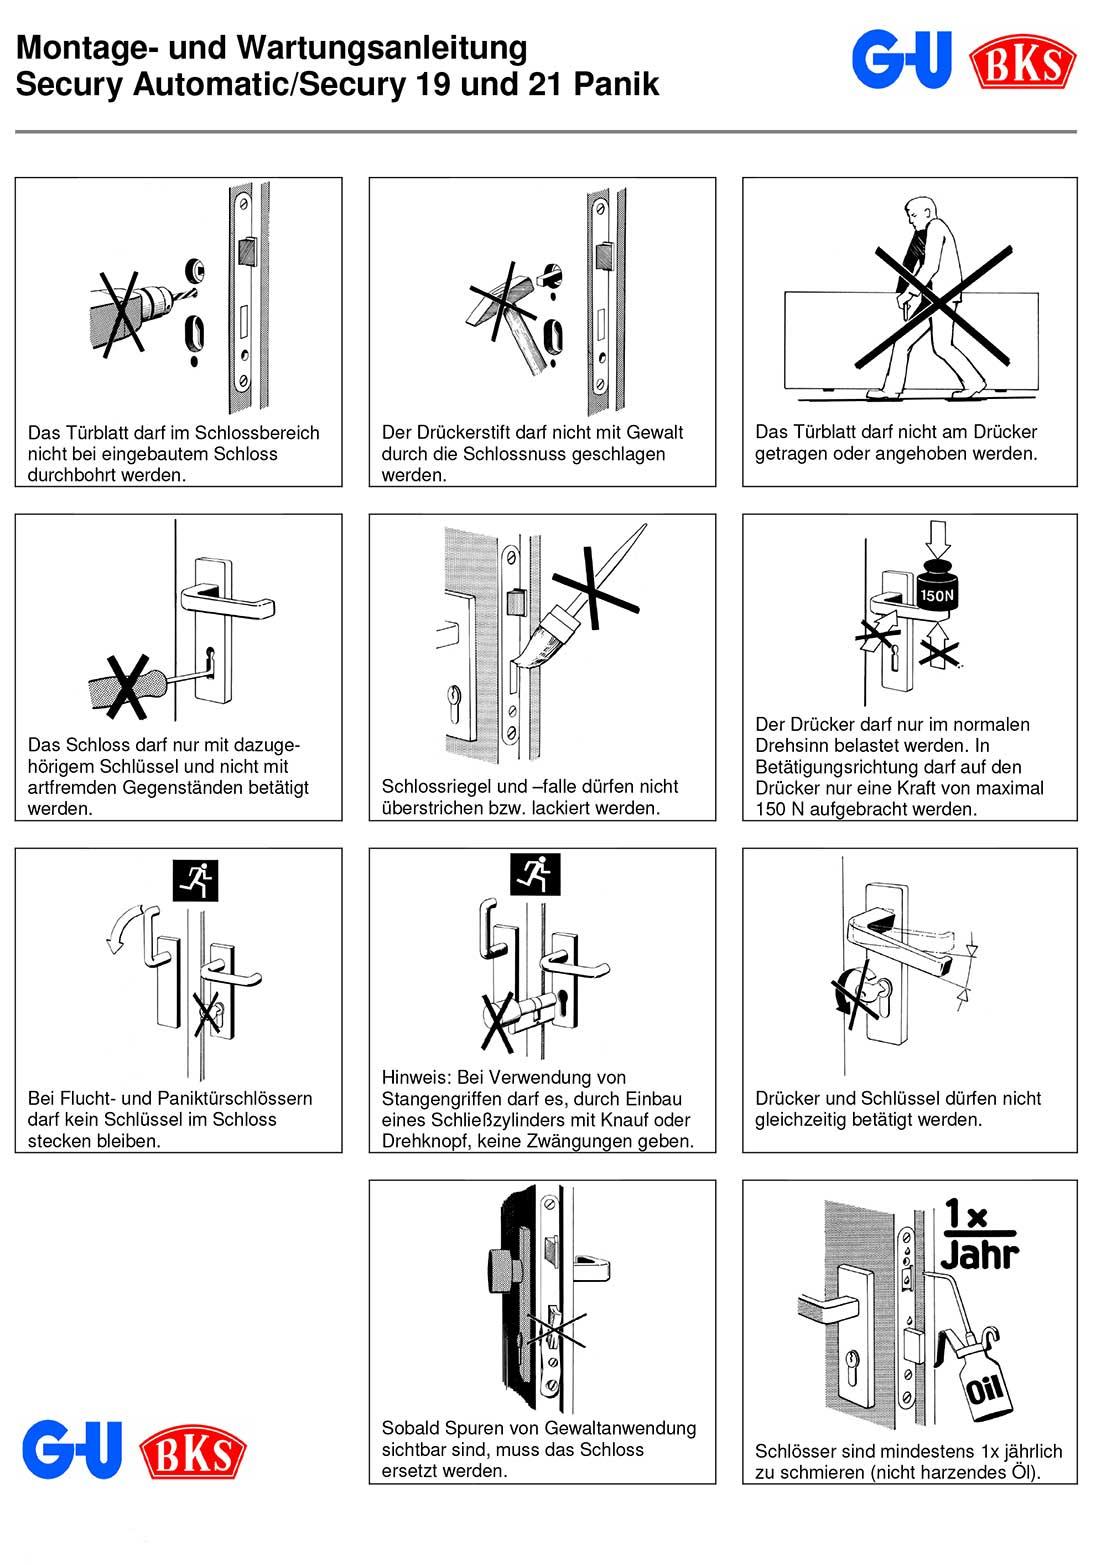 Montage-und-Wartungsanleitung-Secury-Automatic-Secury-19-und-21-Panik-GU-BKS-1